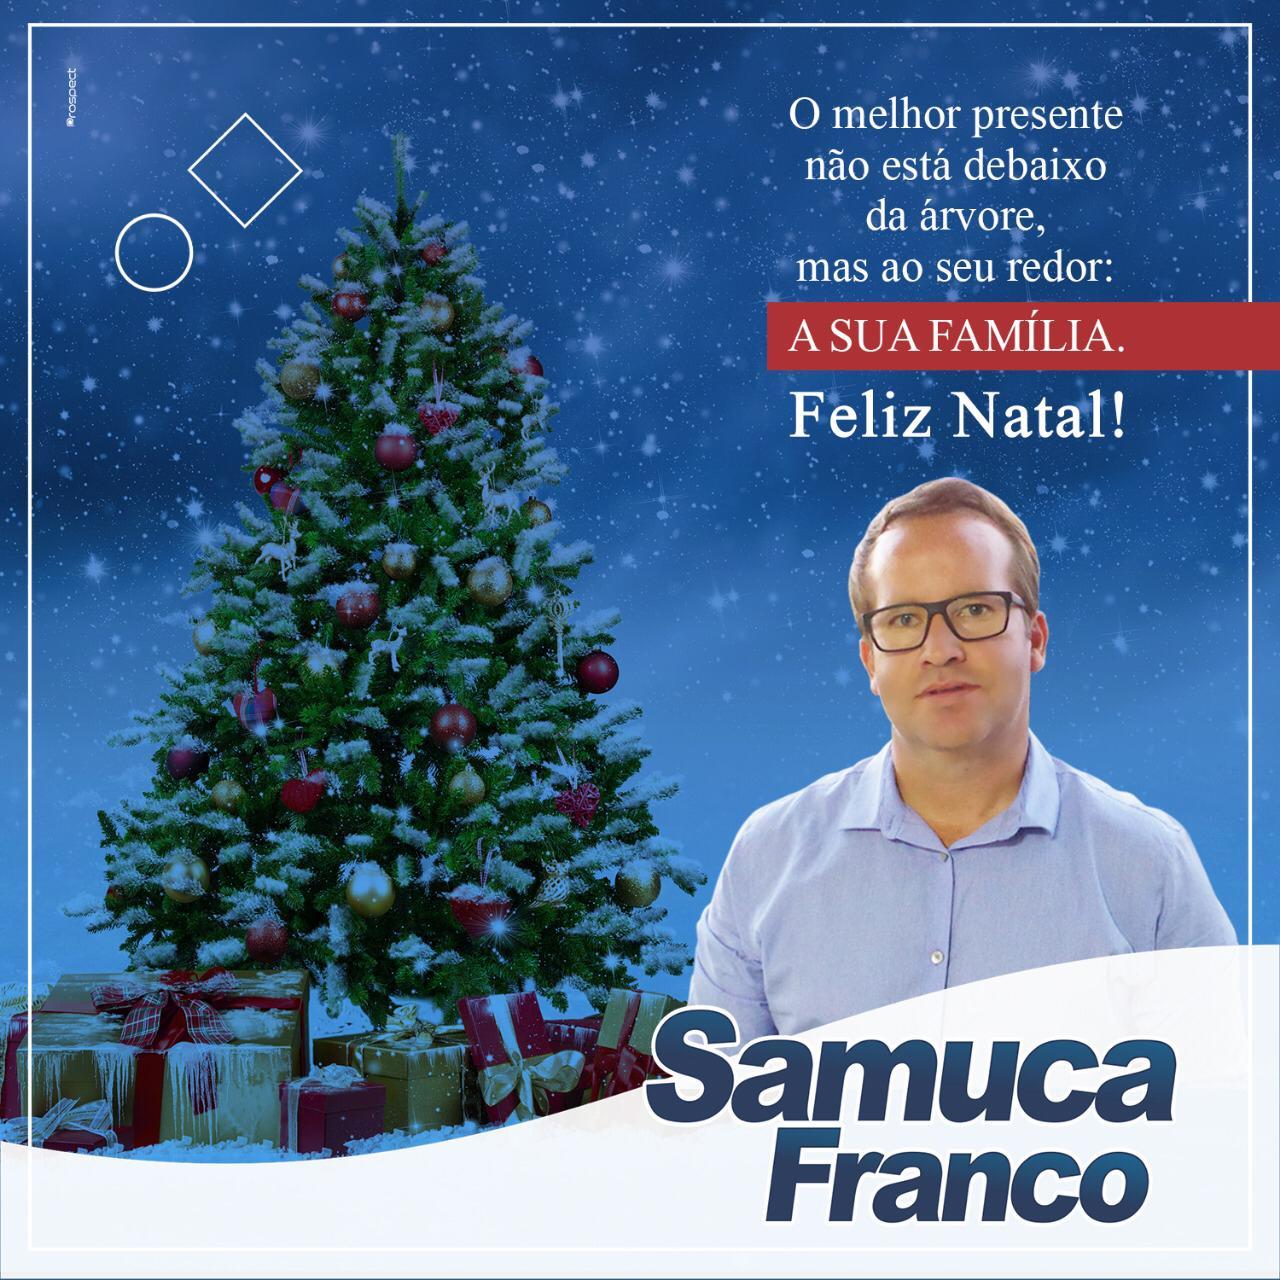 MENSAGEM DO EMPRESÁRIO SAMUCA FRANCO